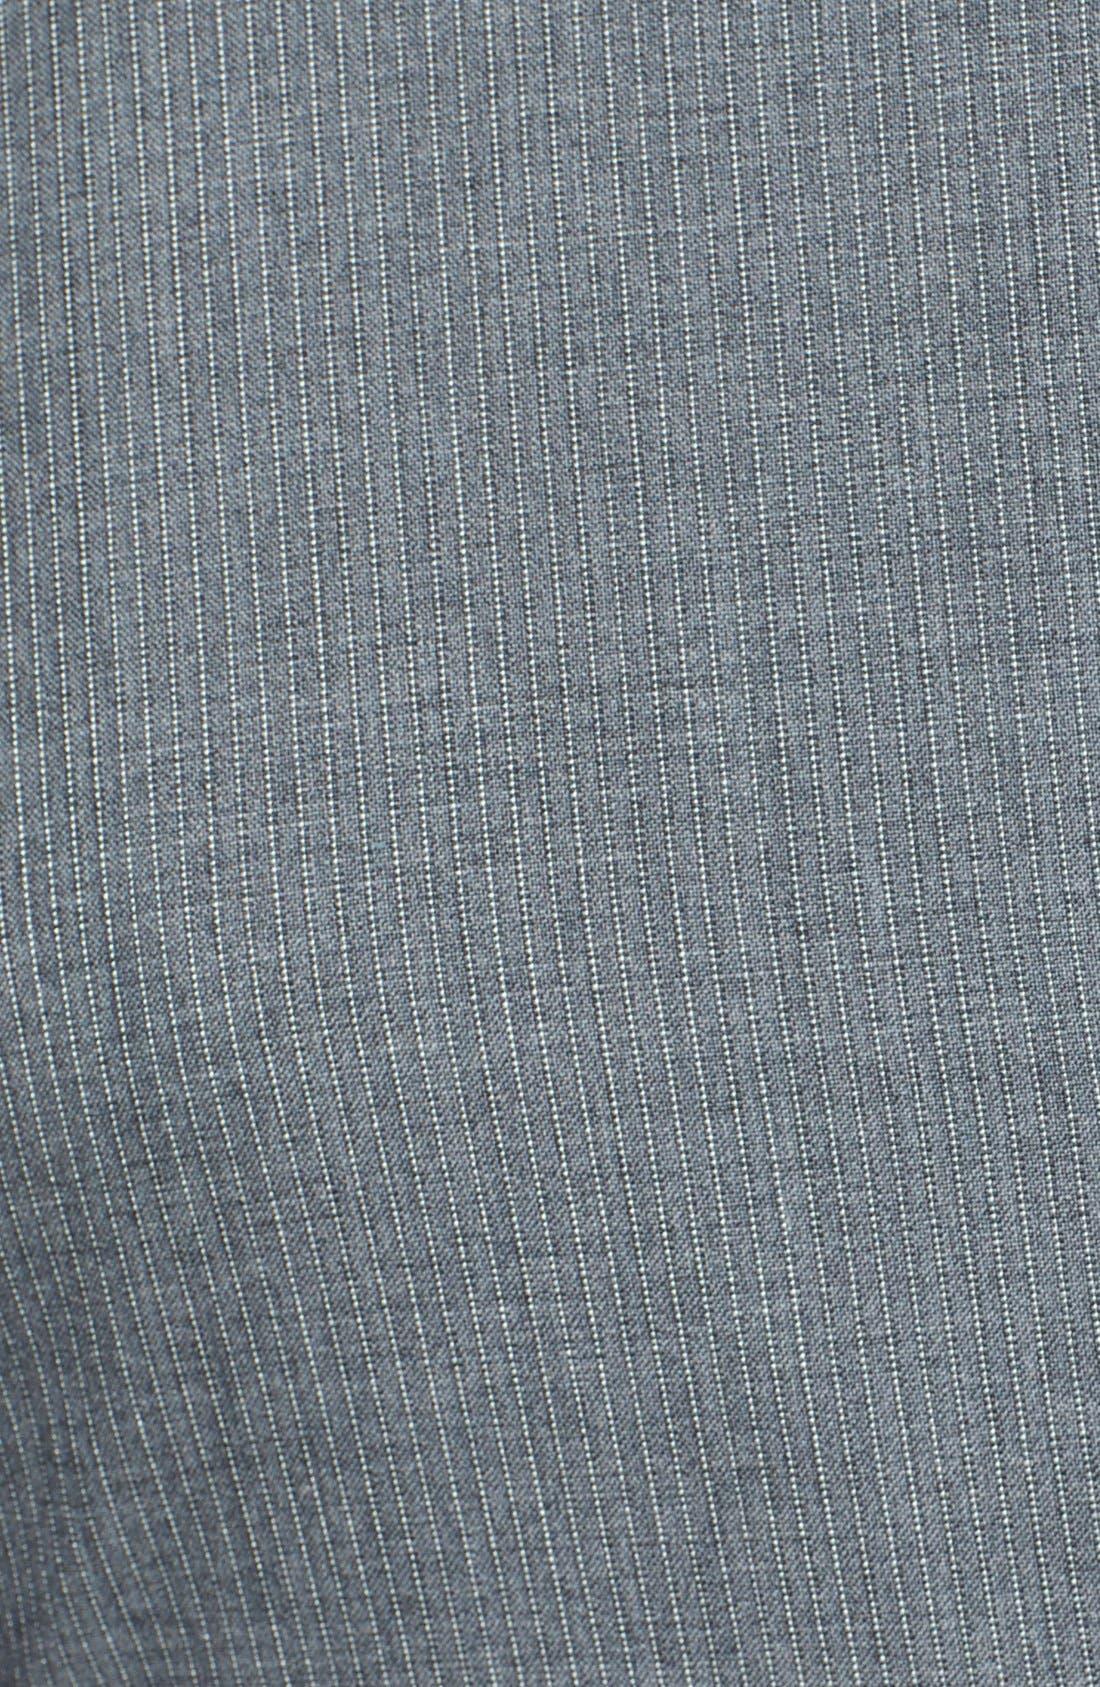 Alternate Image 4  - rag & bone Pinstripe Wool Suit